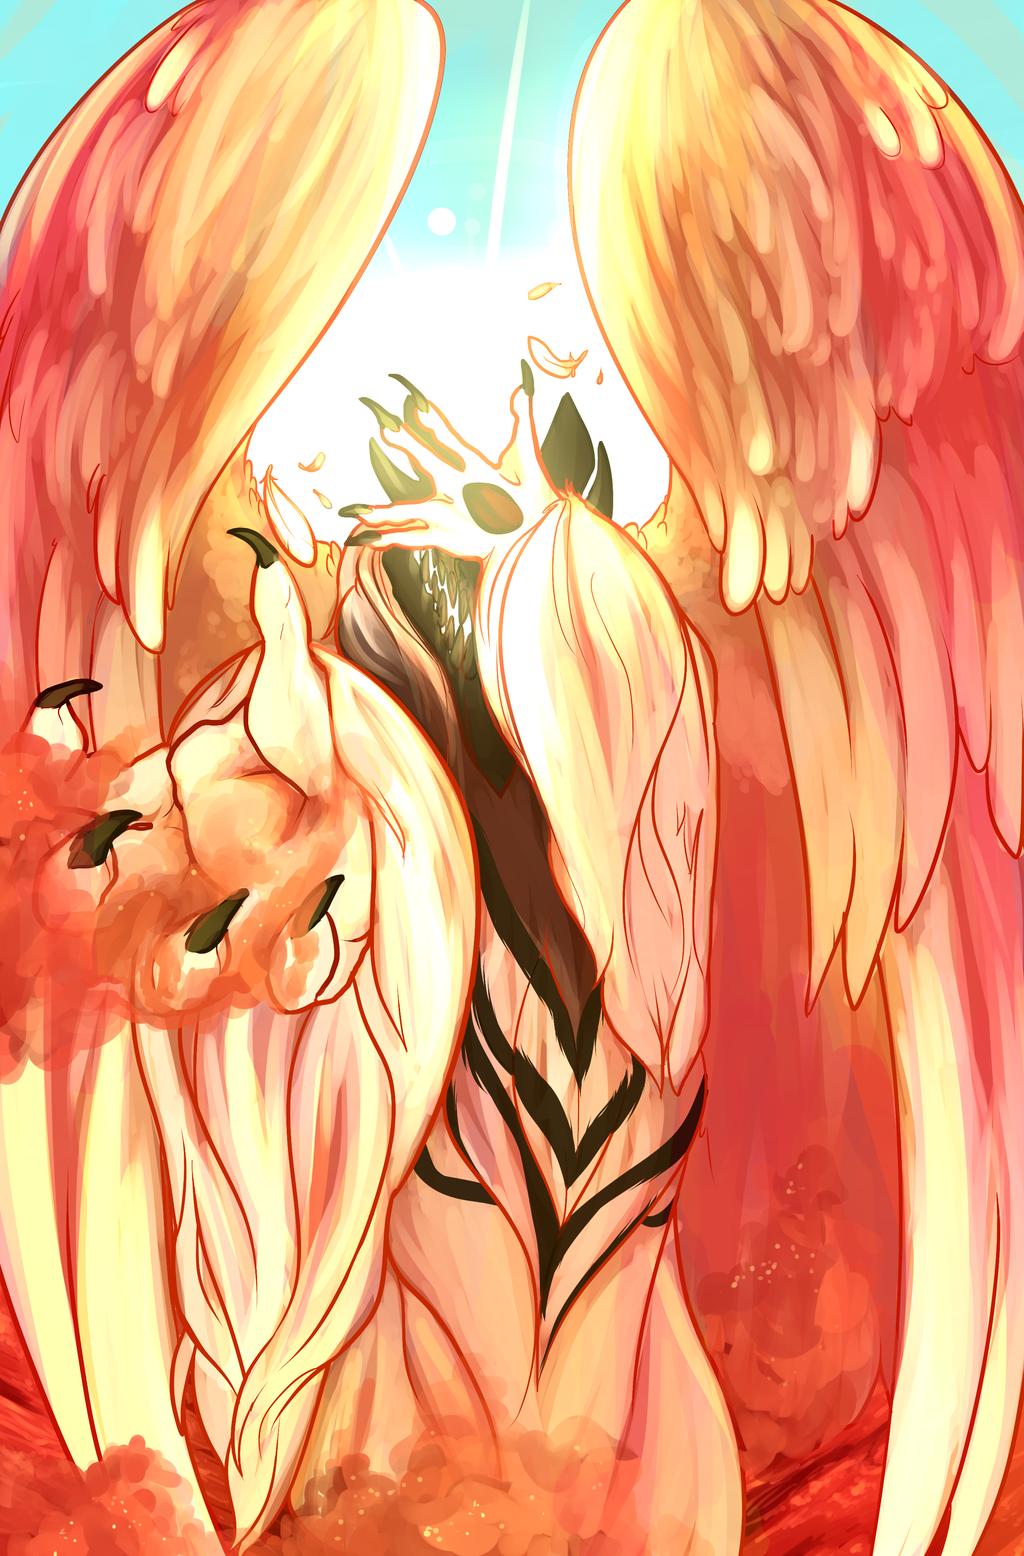 On Angel Wings, In White